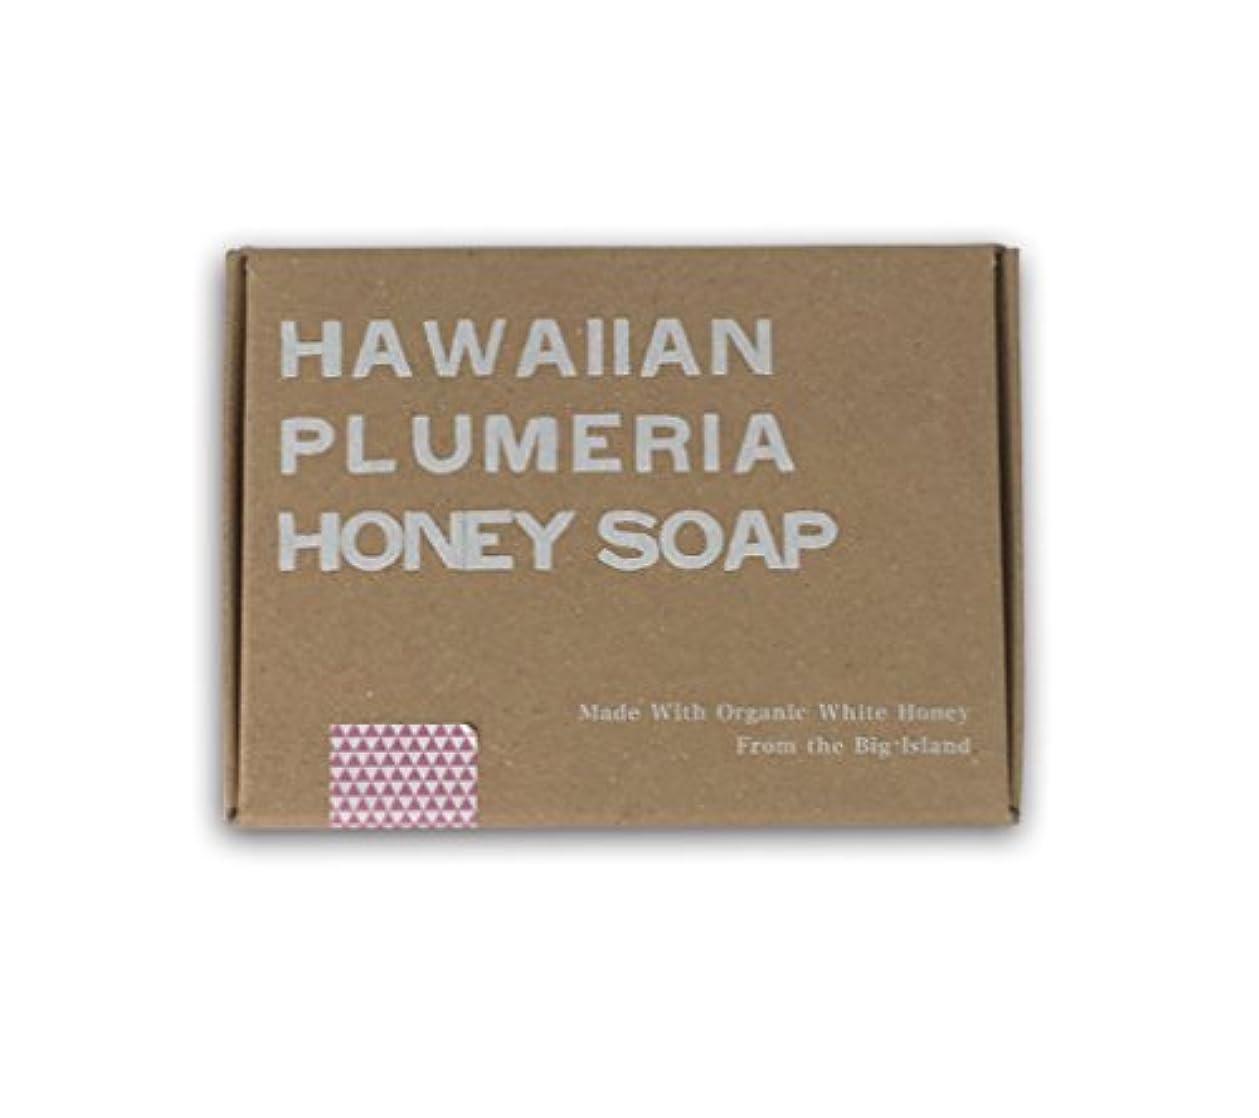 リラックスした手荷物アボートホワイトハニーオーガニクス ハワイアン?プルメリア?ハニーソープ (Hawaiian Plumeria Honey Soap)